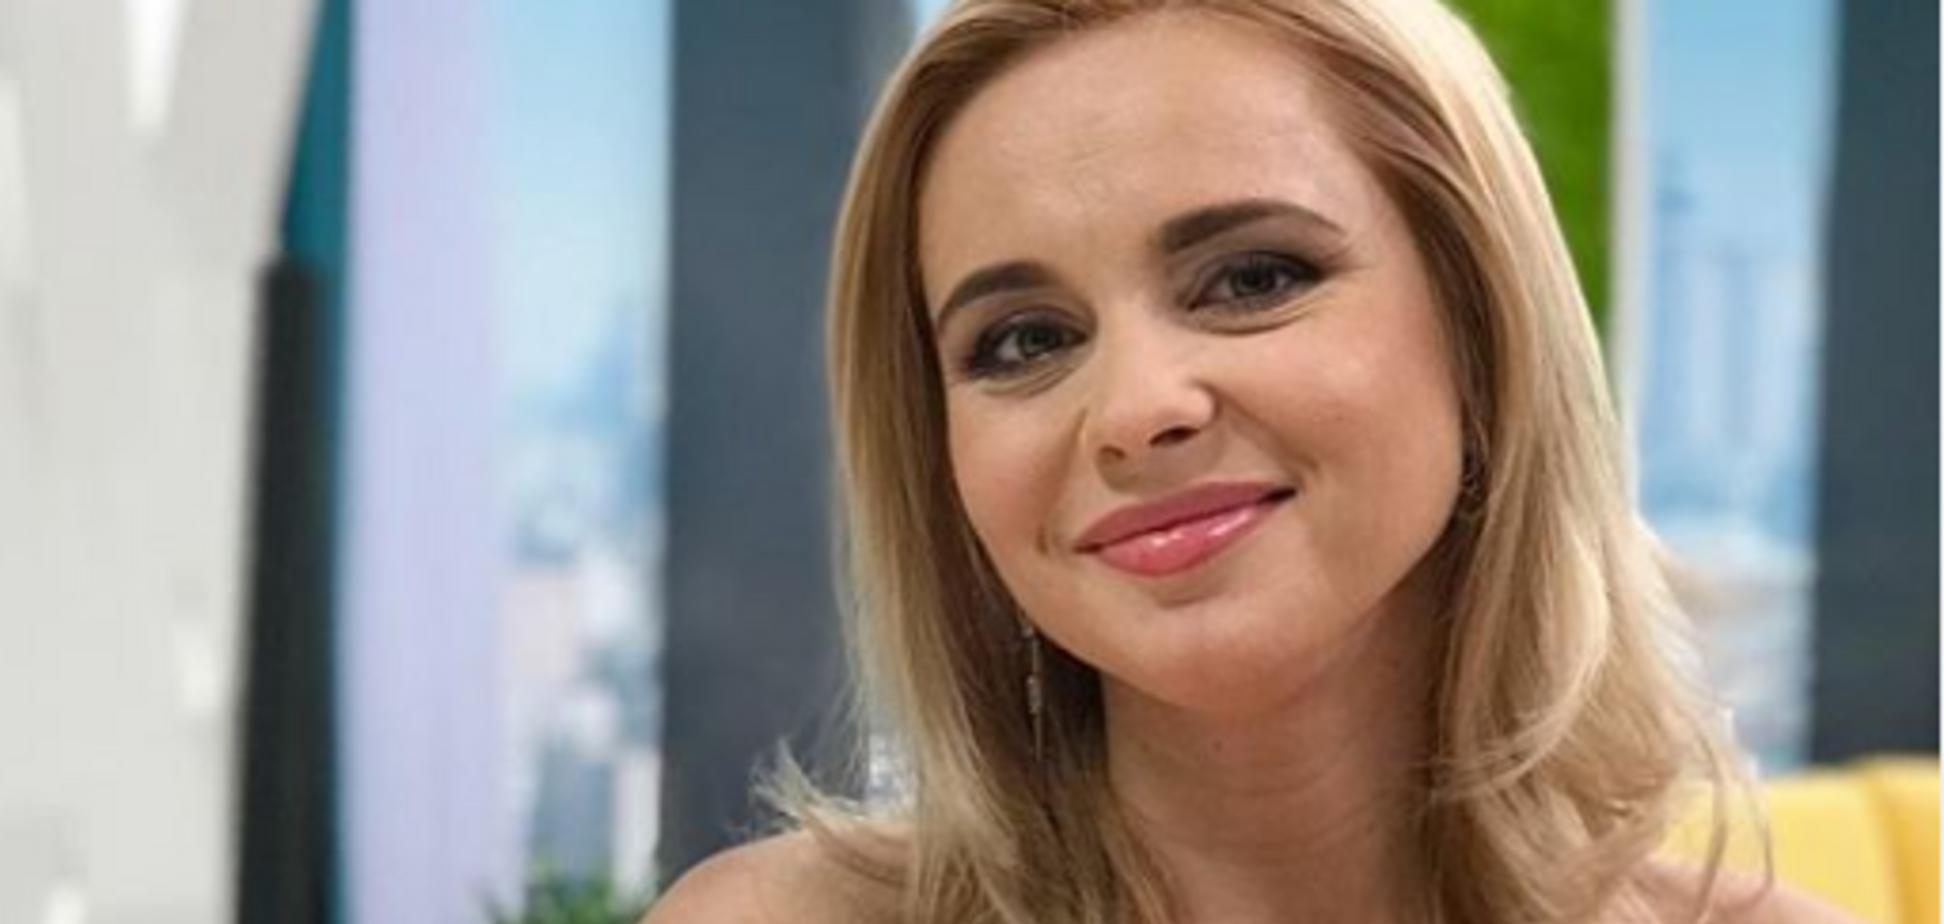 Украинская телеведущая засветила пышную грудь: горячее фото